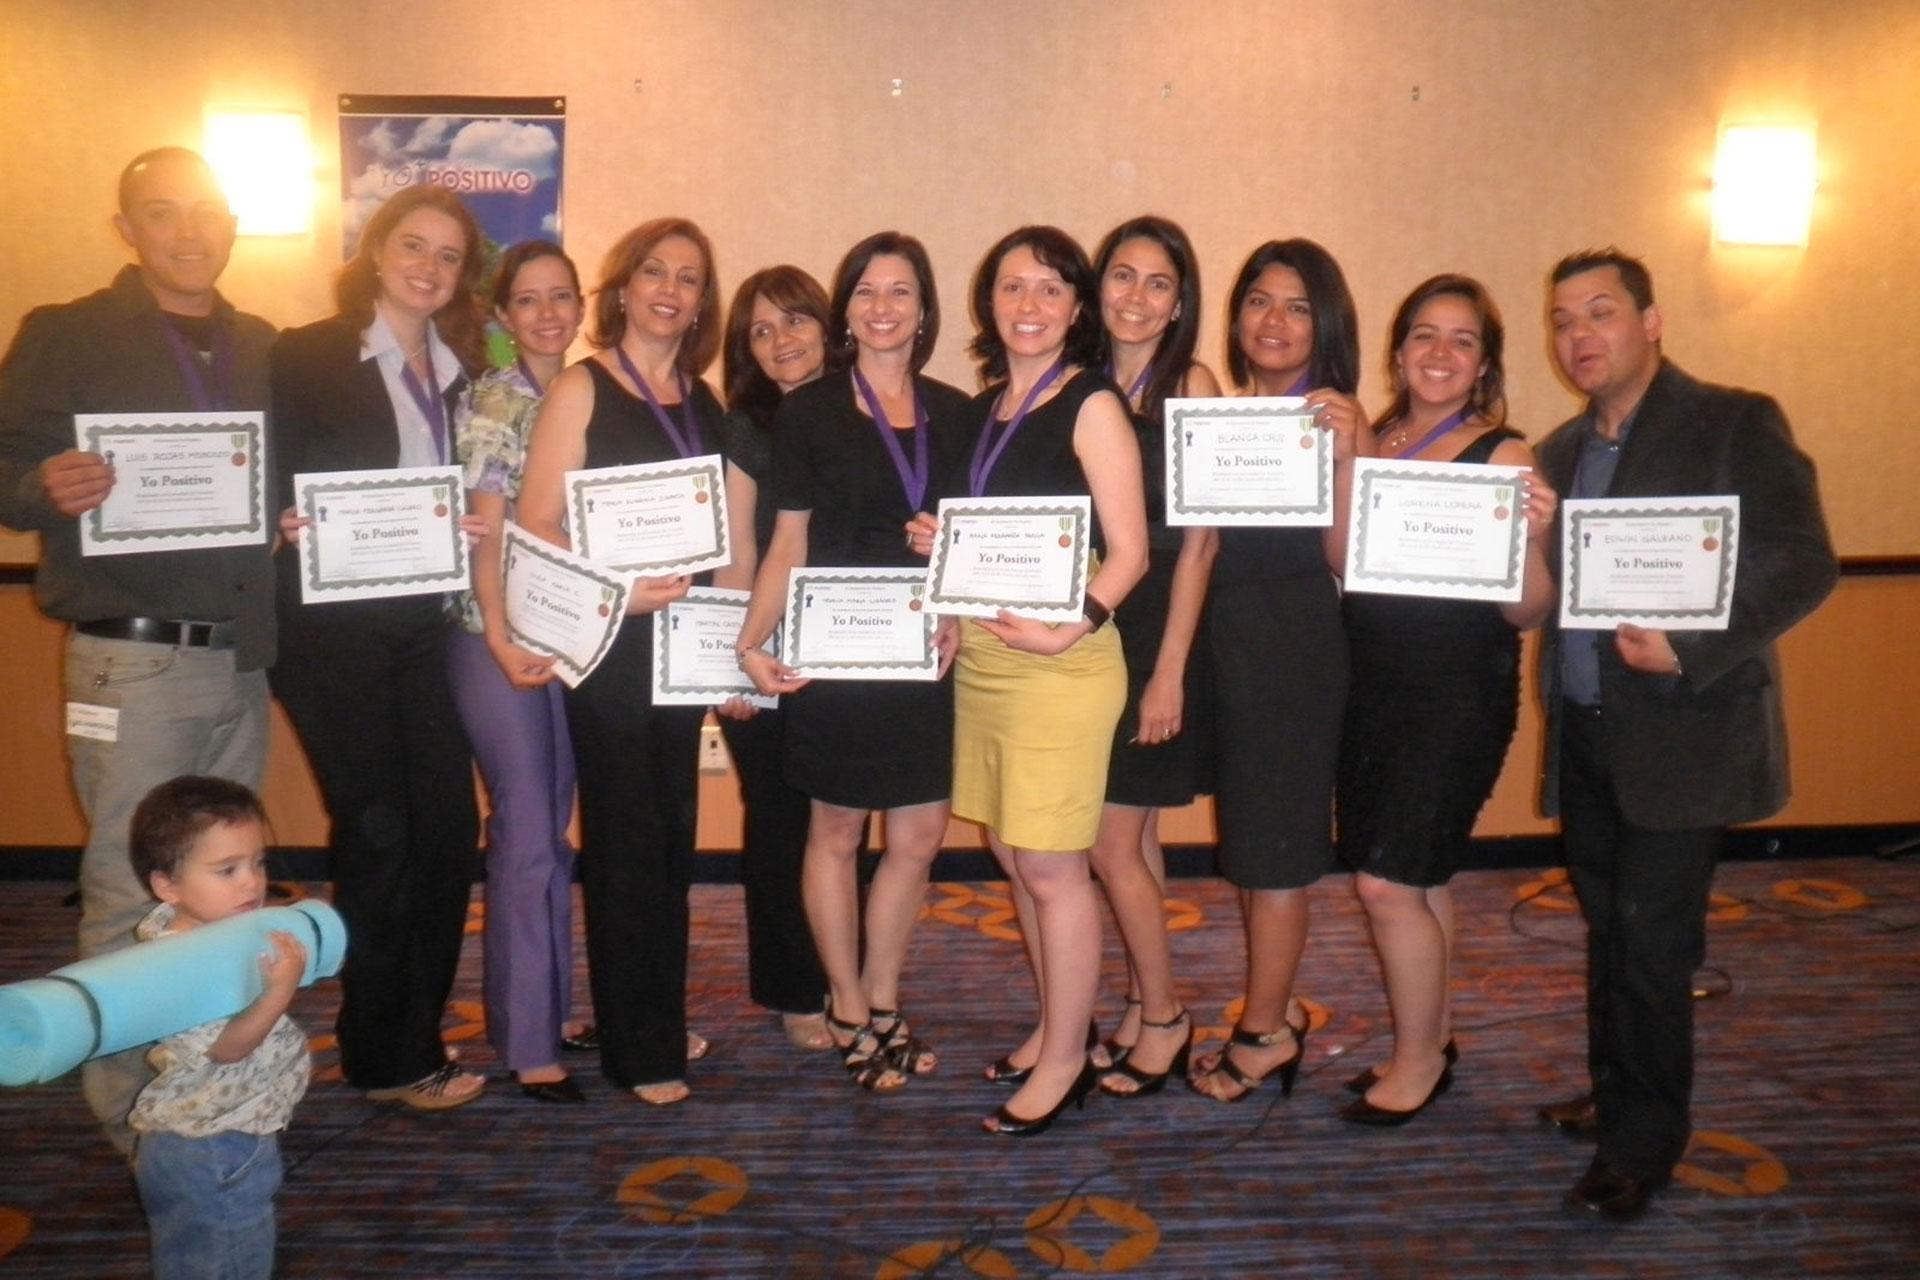 Graduados del Seminario Yo Positivo Serie 11 de Toronto